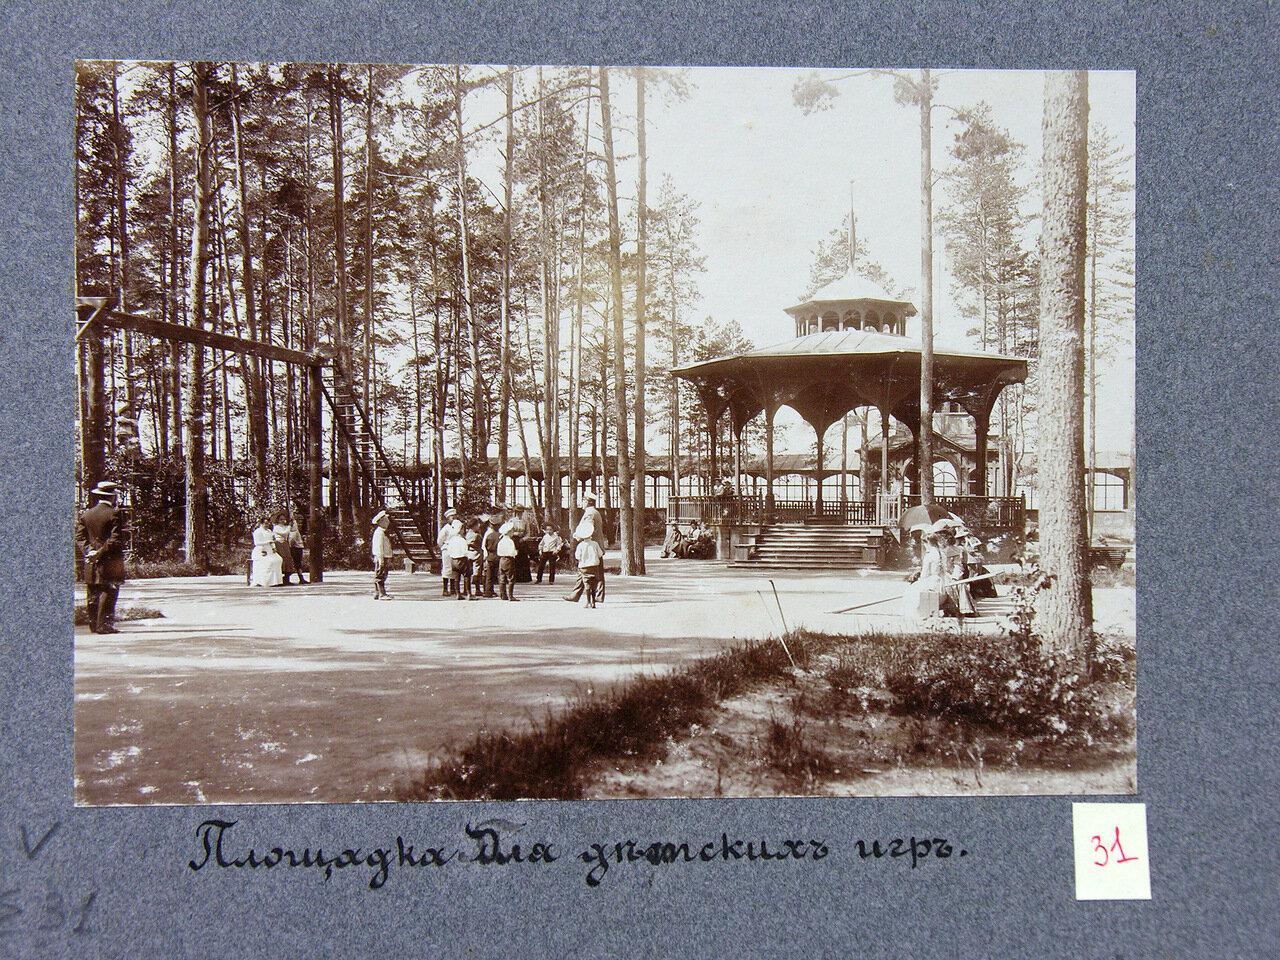 Площадка для детских игр